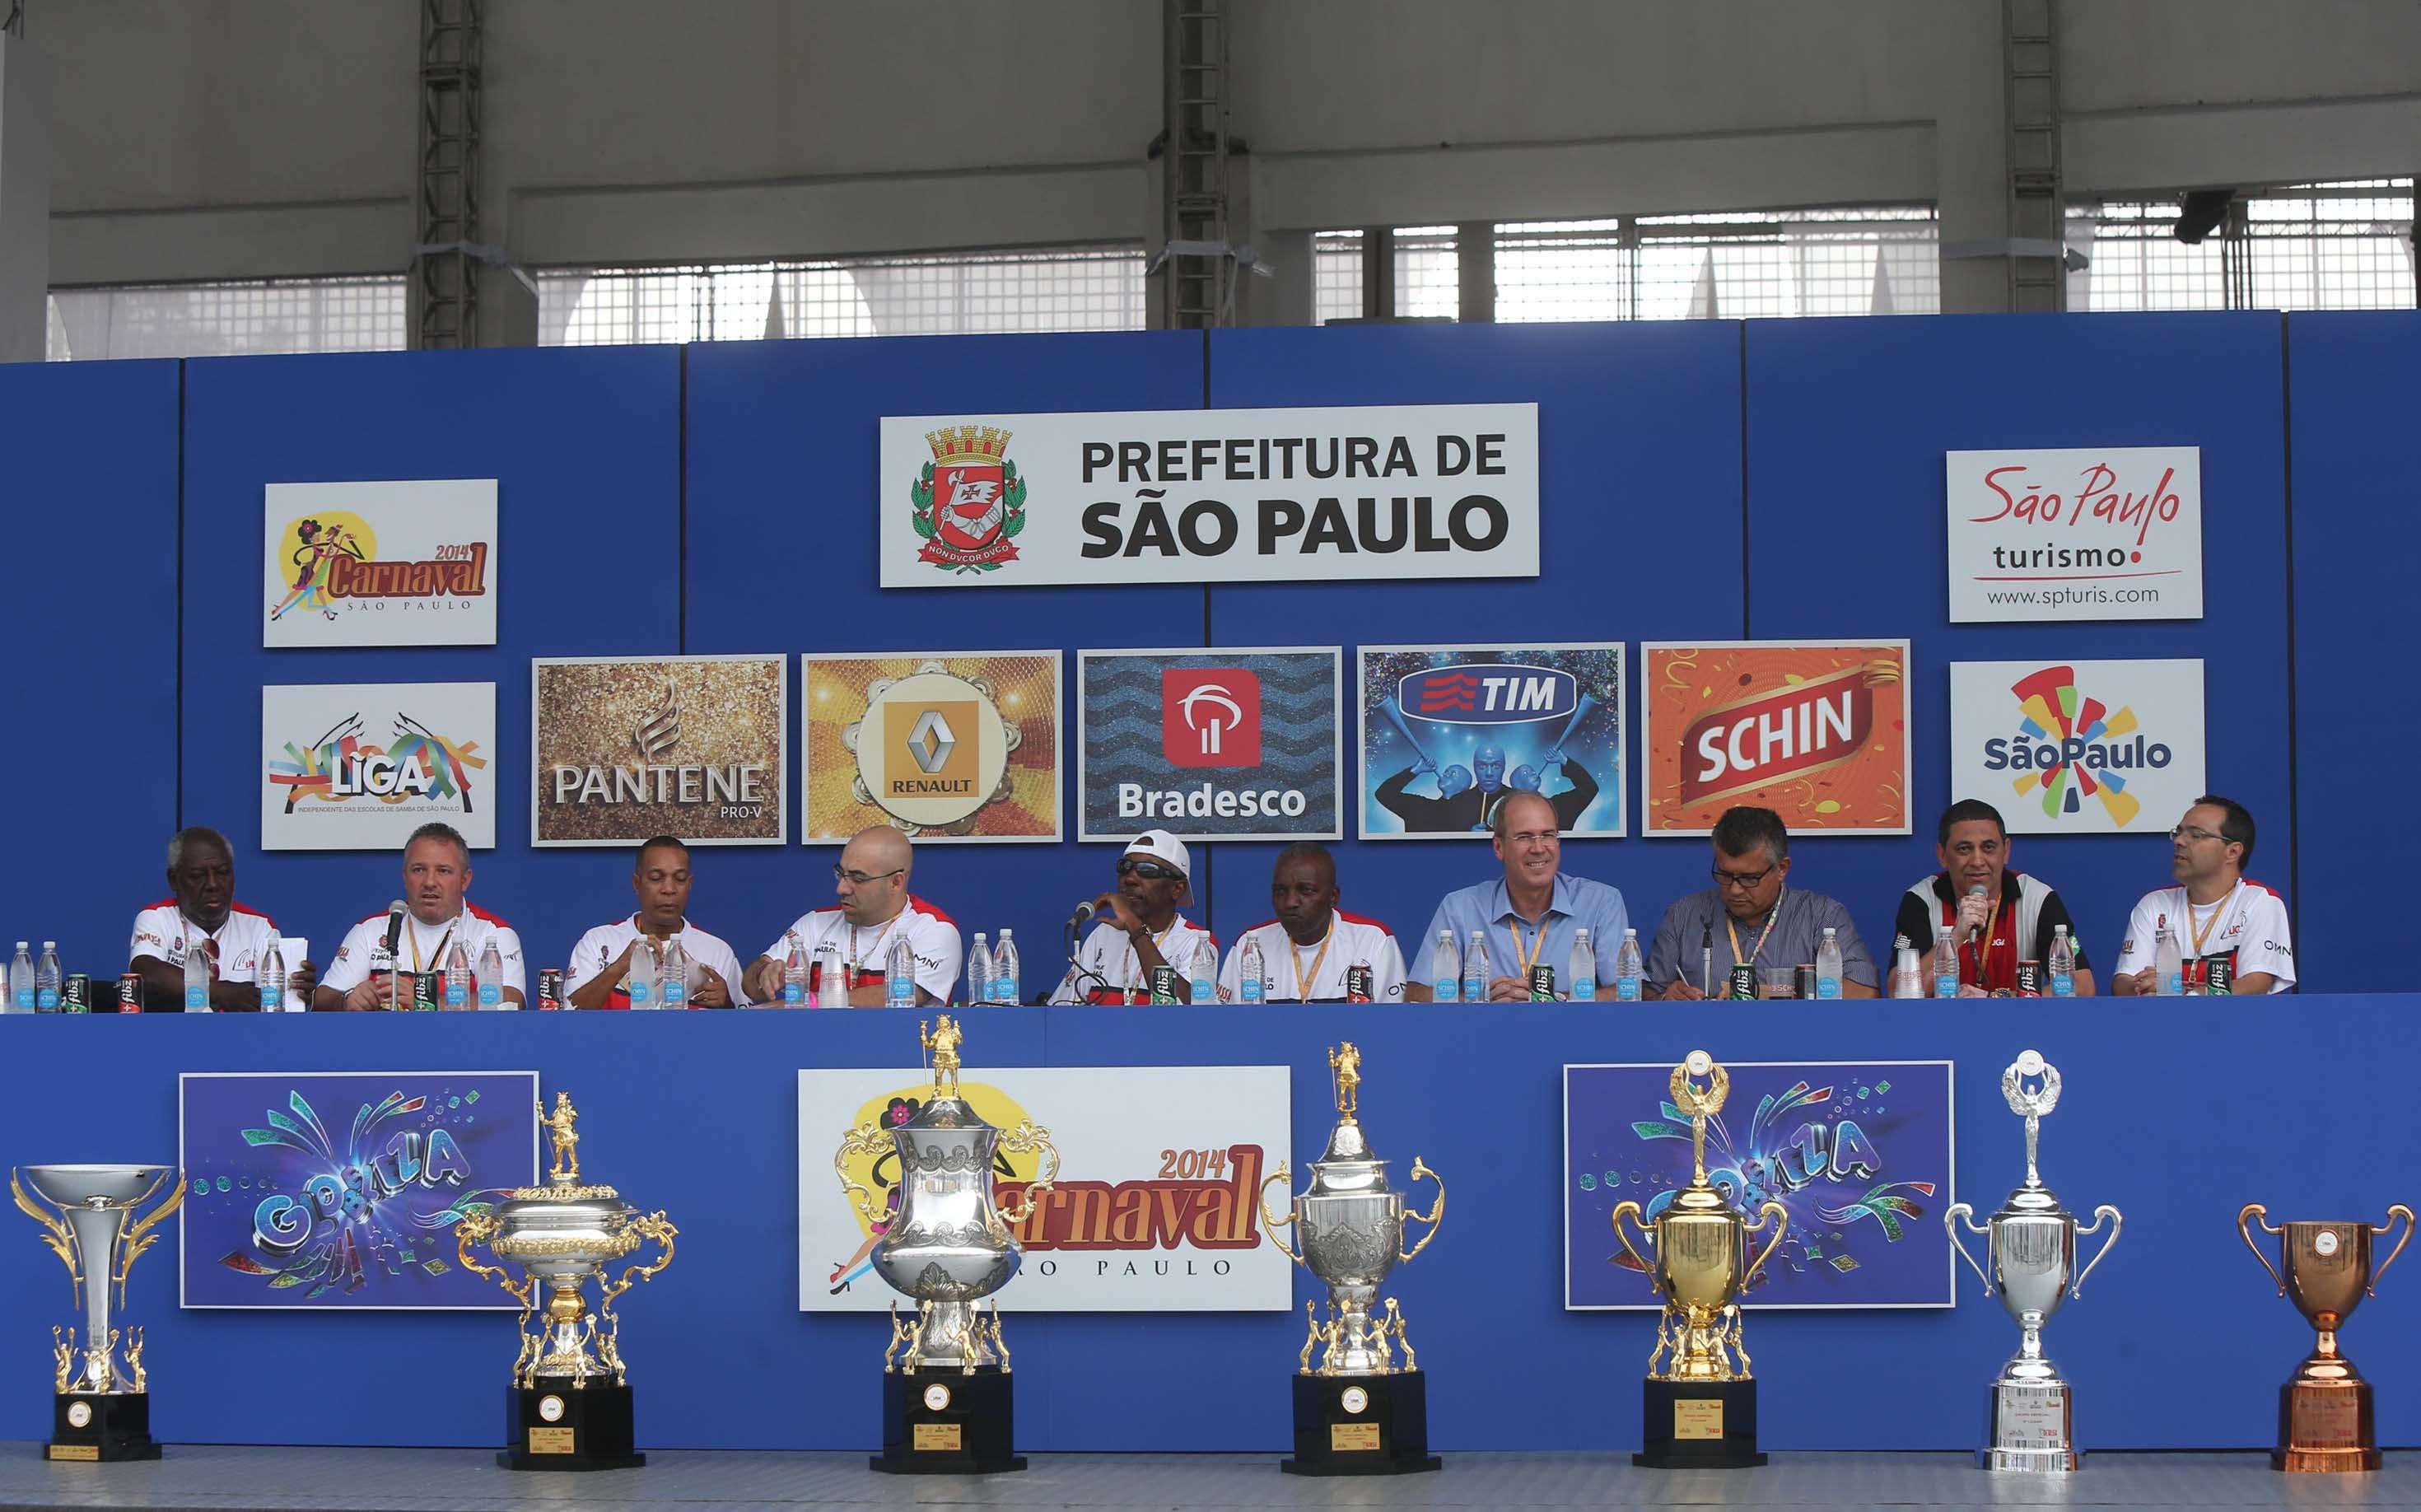 Apuração premia os vencedores dos principais grupos do Carnaval de São Paulo Foto: Marcos Bezerra/Futura Press